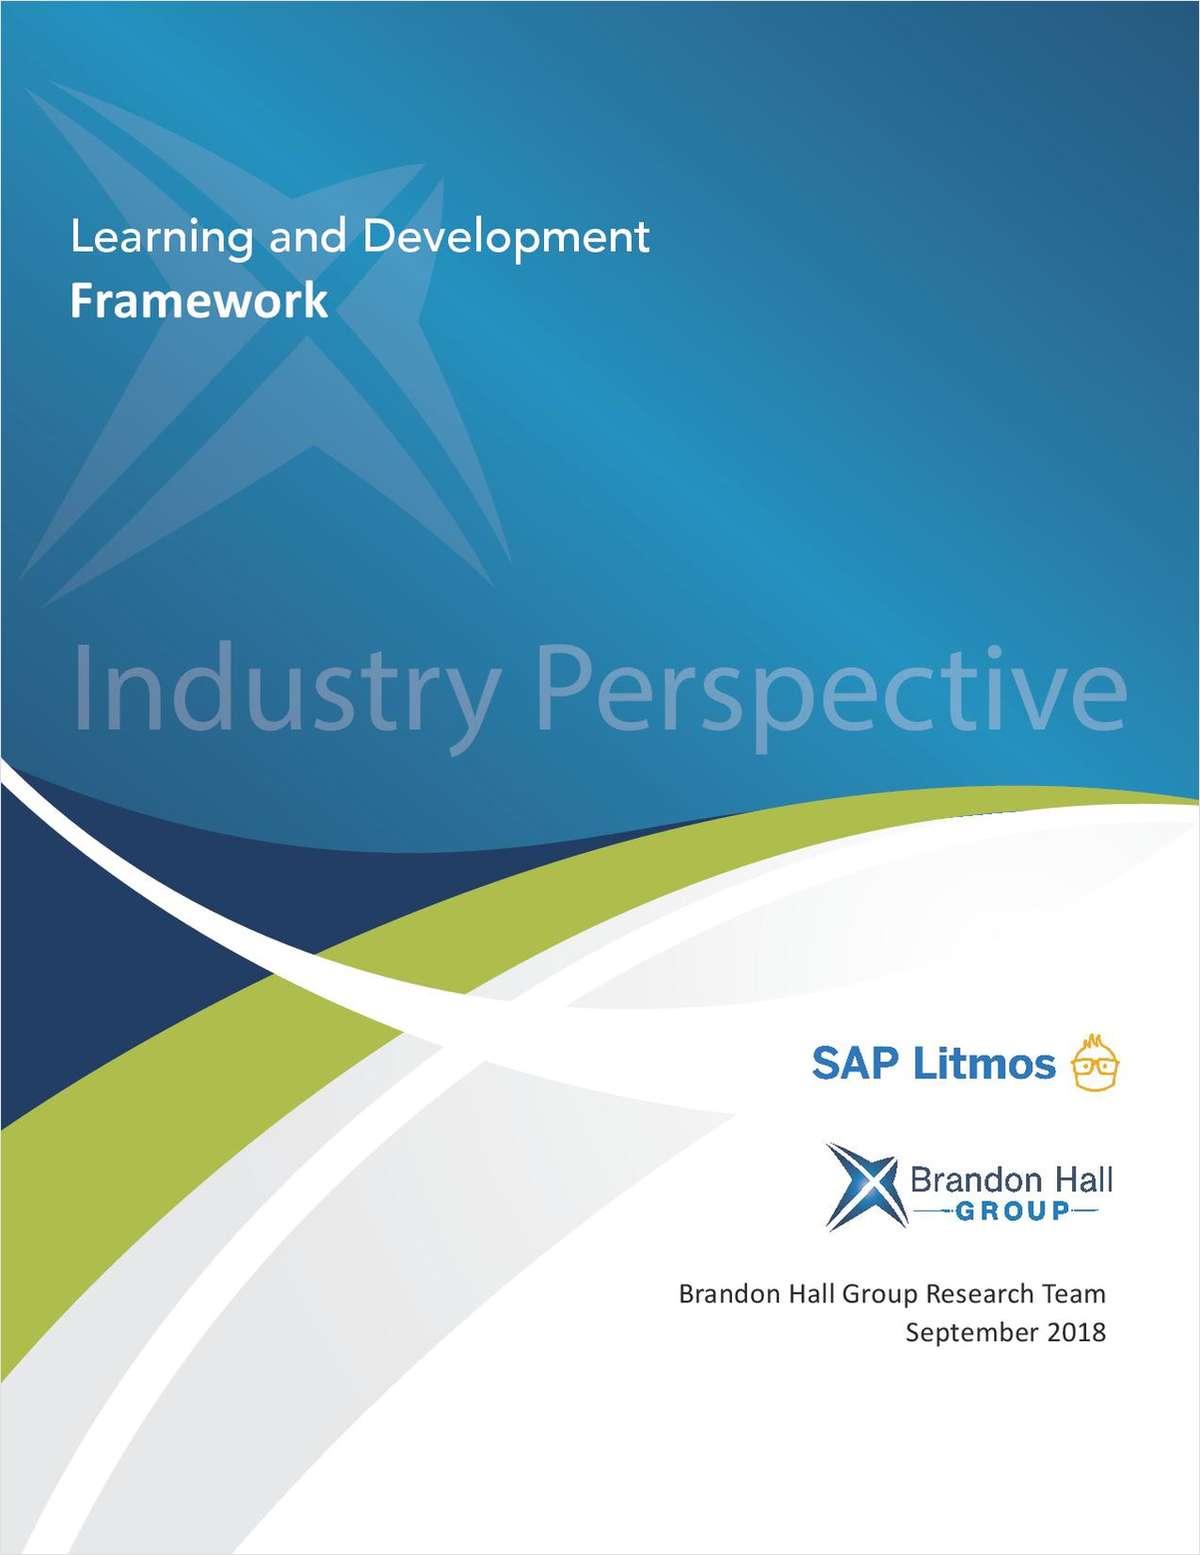 Learning & Development Framework